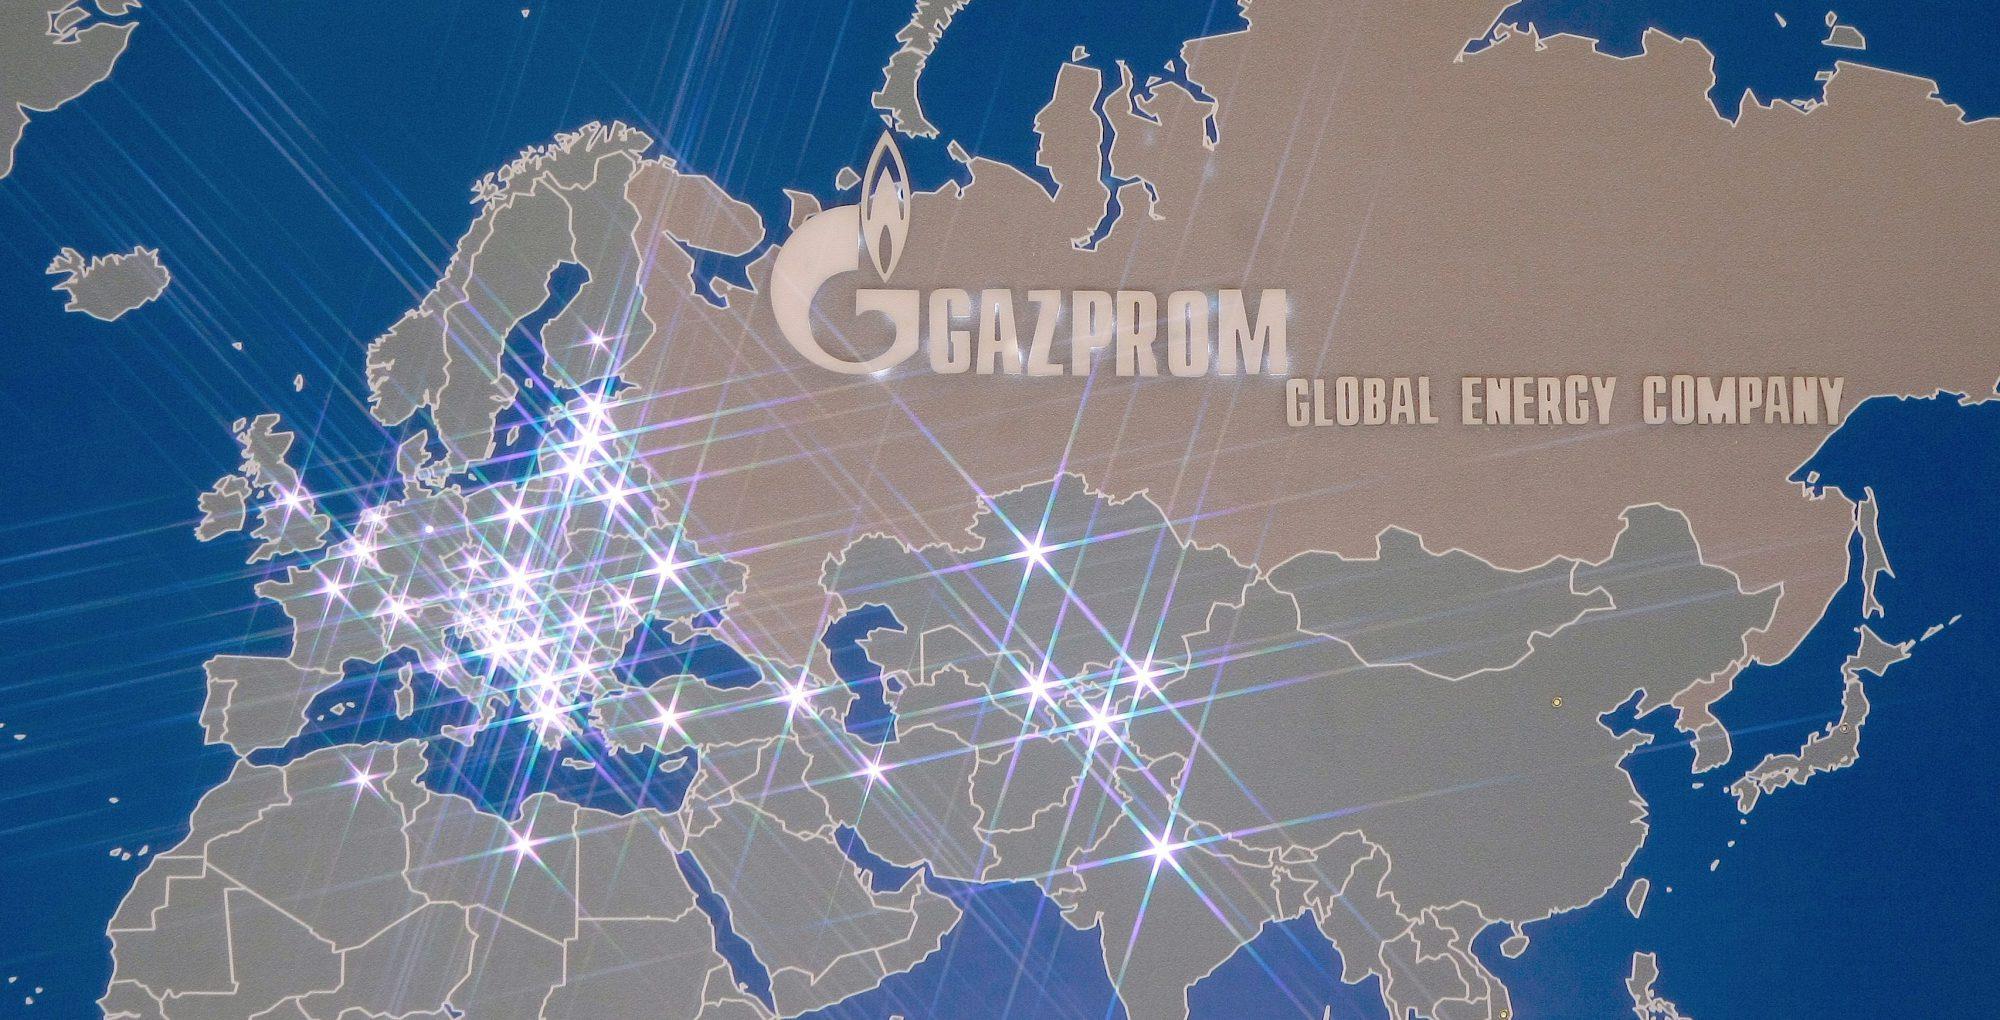 Европейская экспансия Газпрома или цена любви по расчету